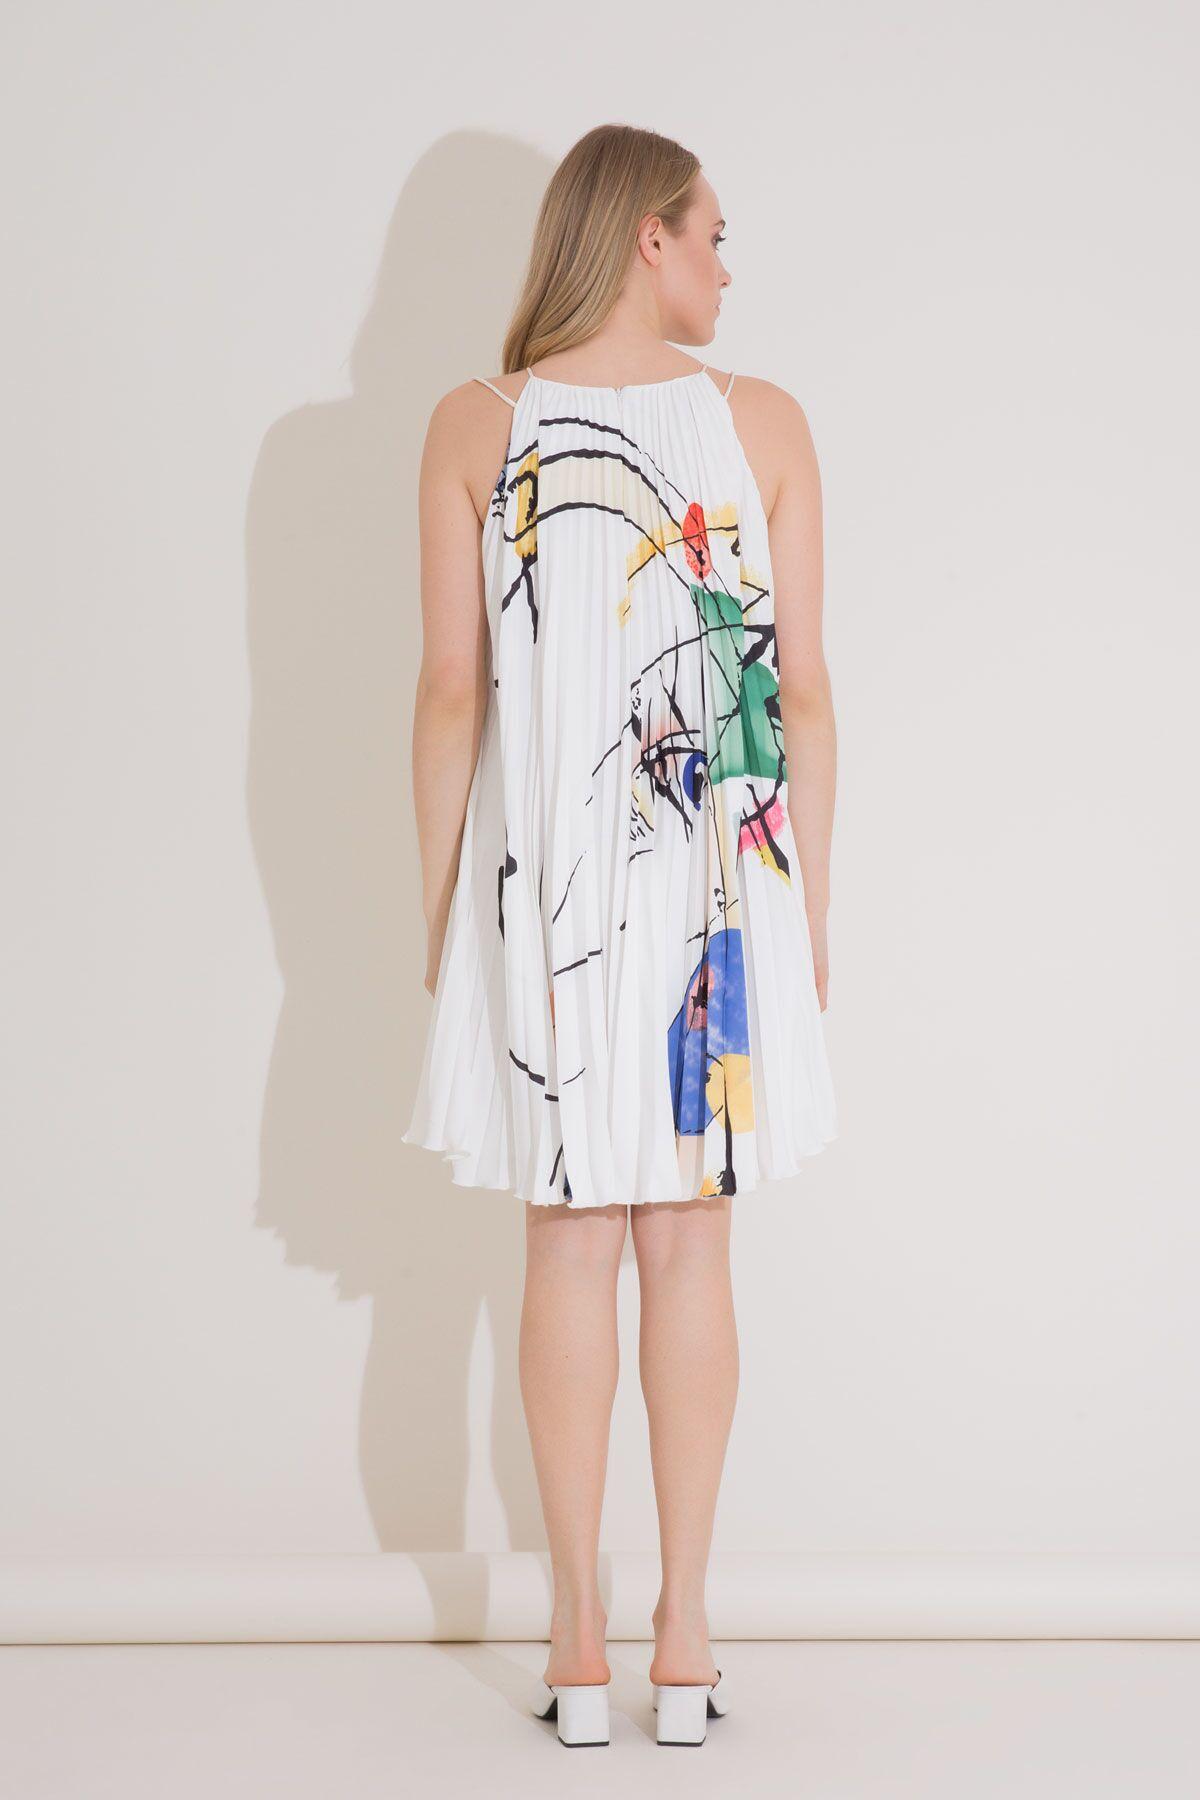 Baskı Detaylı Askılı Pilise Elbise Midi Boy